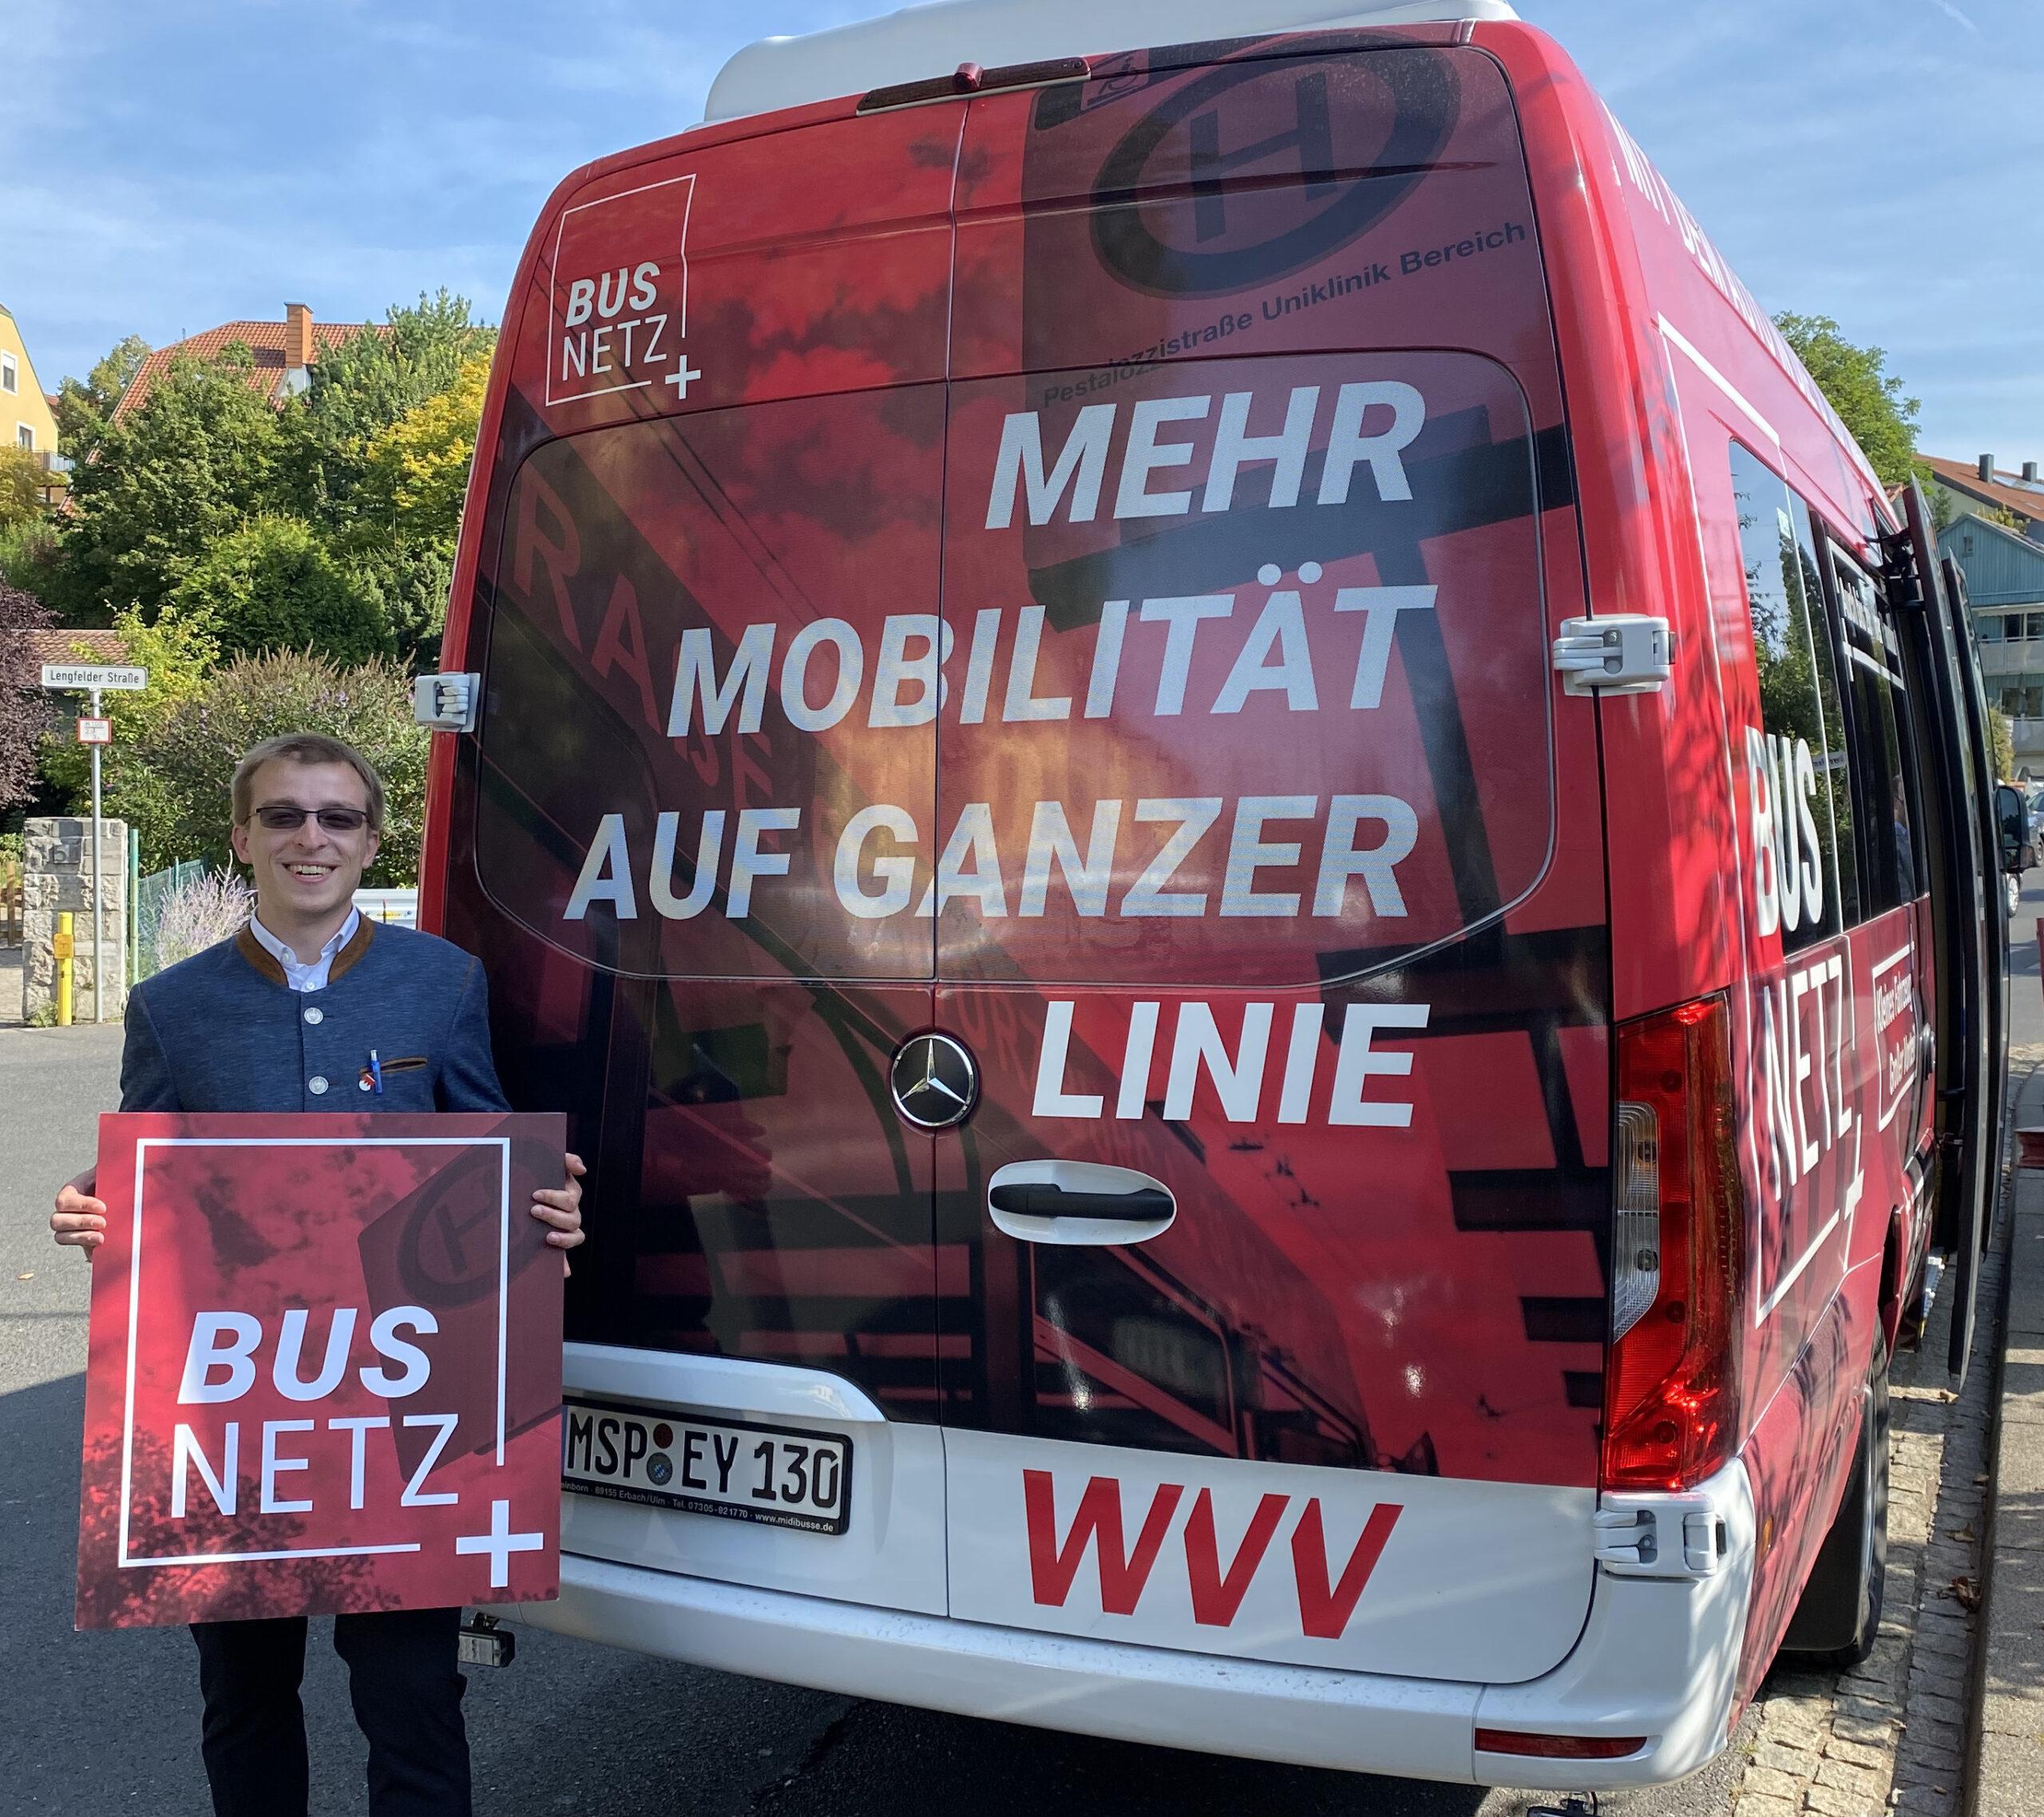 BUSNETZ+ Mehr Mobilität auf ganzer Linie